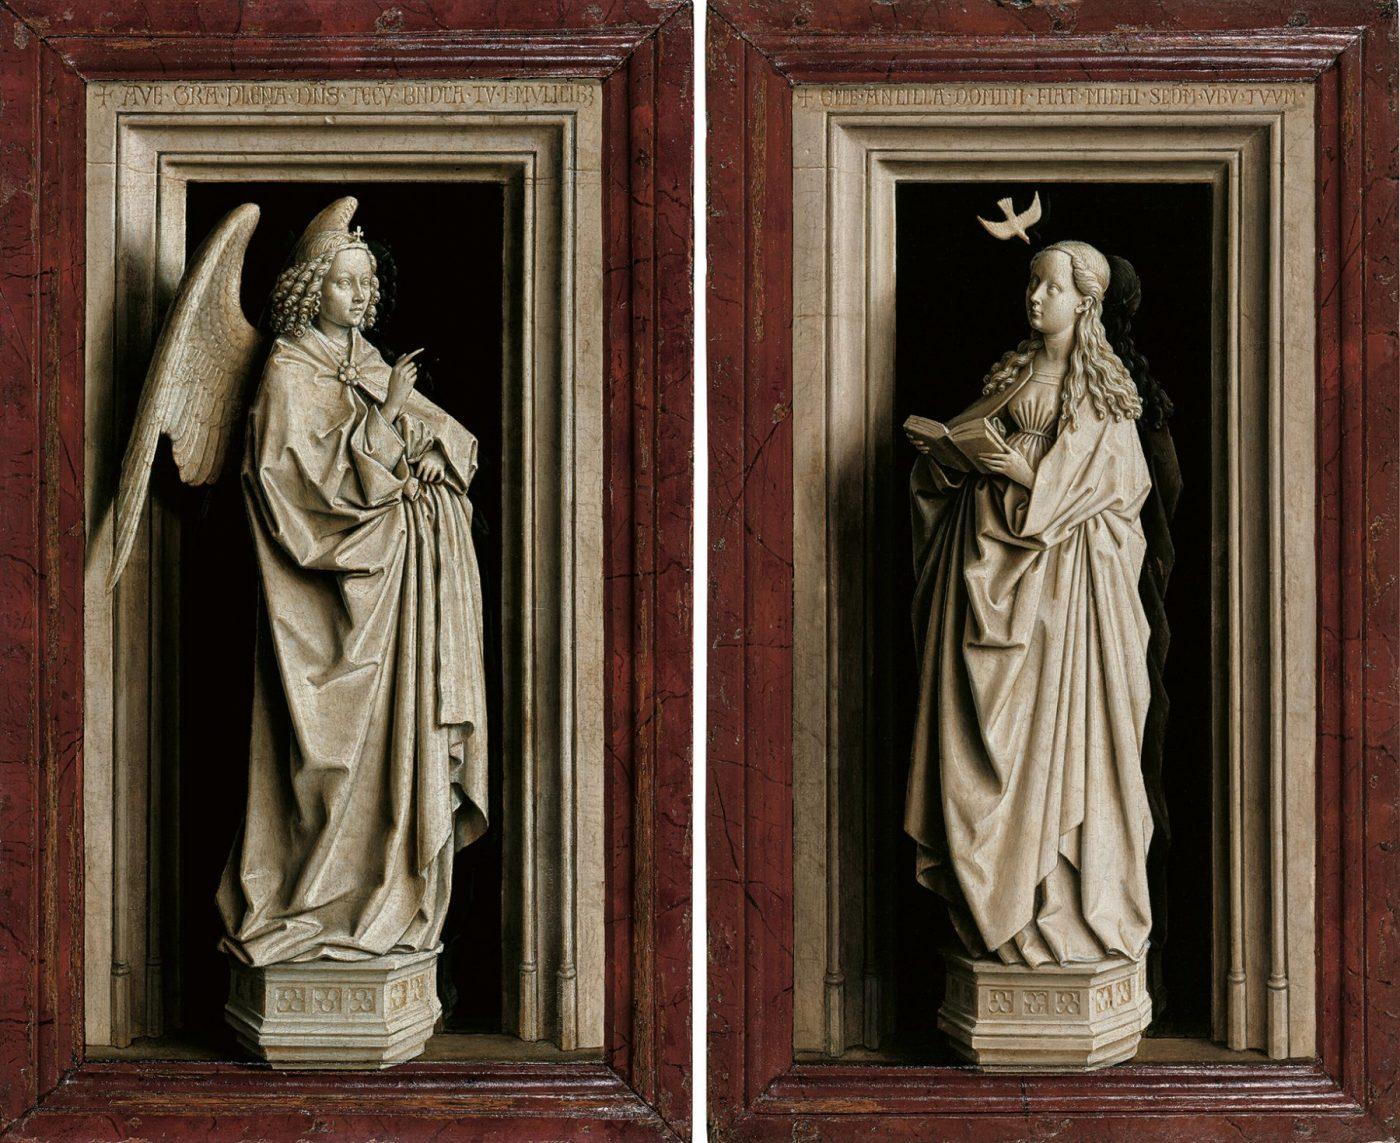 Il talento impareggiabile di Van Eyck rende ogni dipinto straordinario: la finta scultura dell'angelo a sinistra in questa Annunciazione sembra fuoriuscire dalla cornice, entrando nello spazio del pubblico, con la sua tridimensionalità illusionistica.